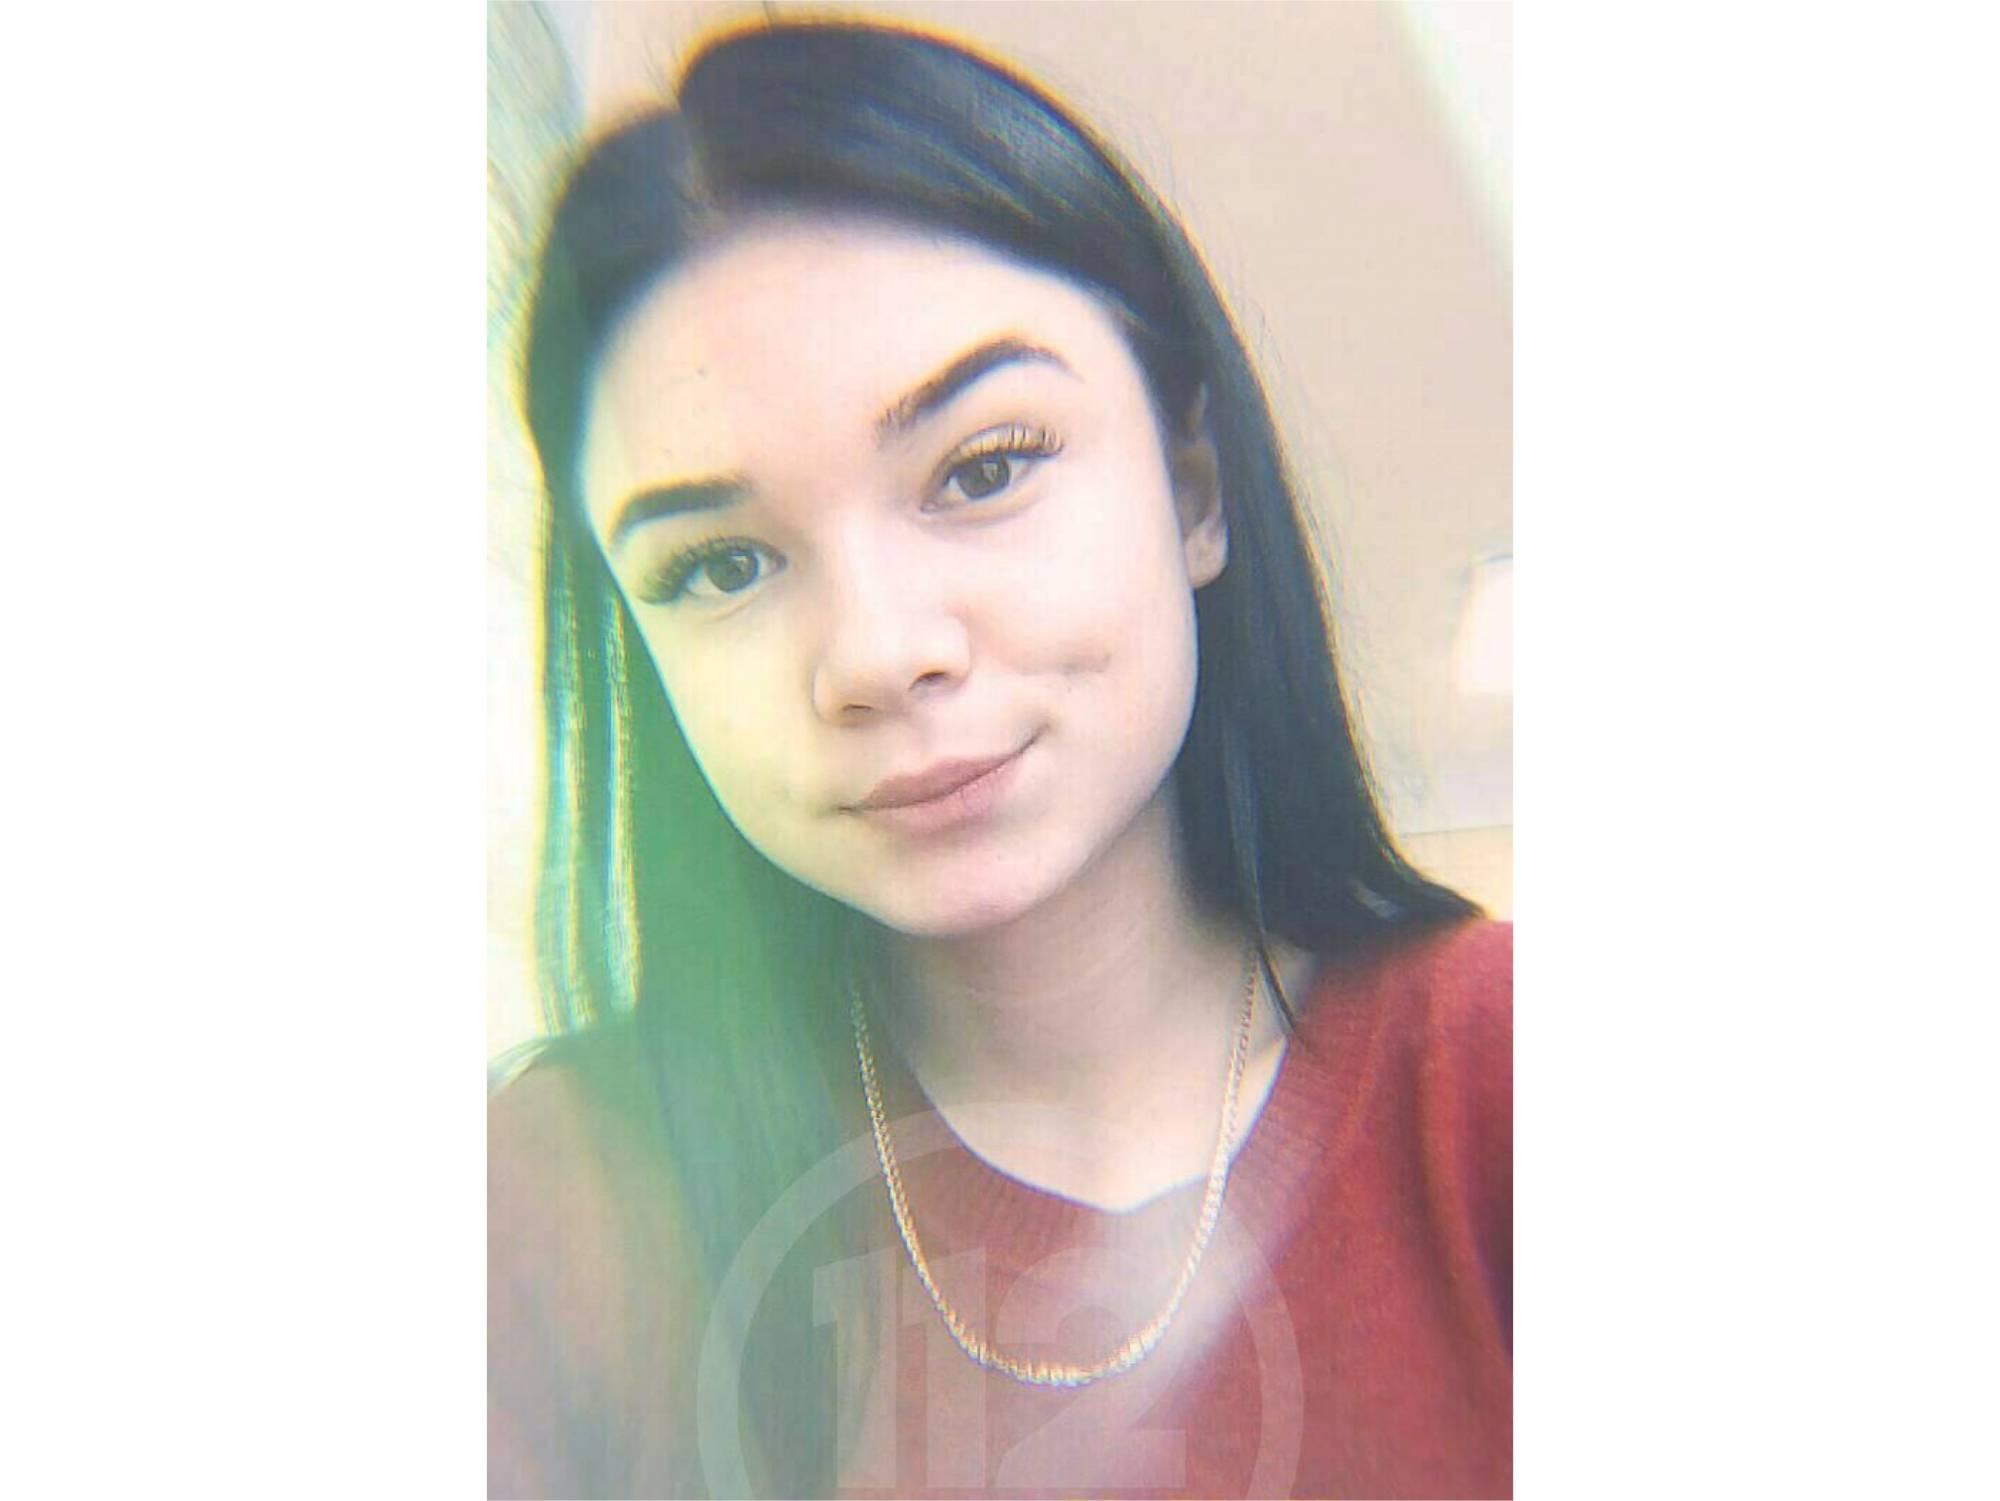 На Прикарпатті розшукують 17-річну дівчину, яка поїхала на навчання і зникла (ОНОВЛЕНО,ФОТО)